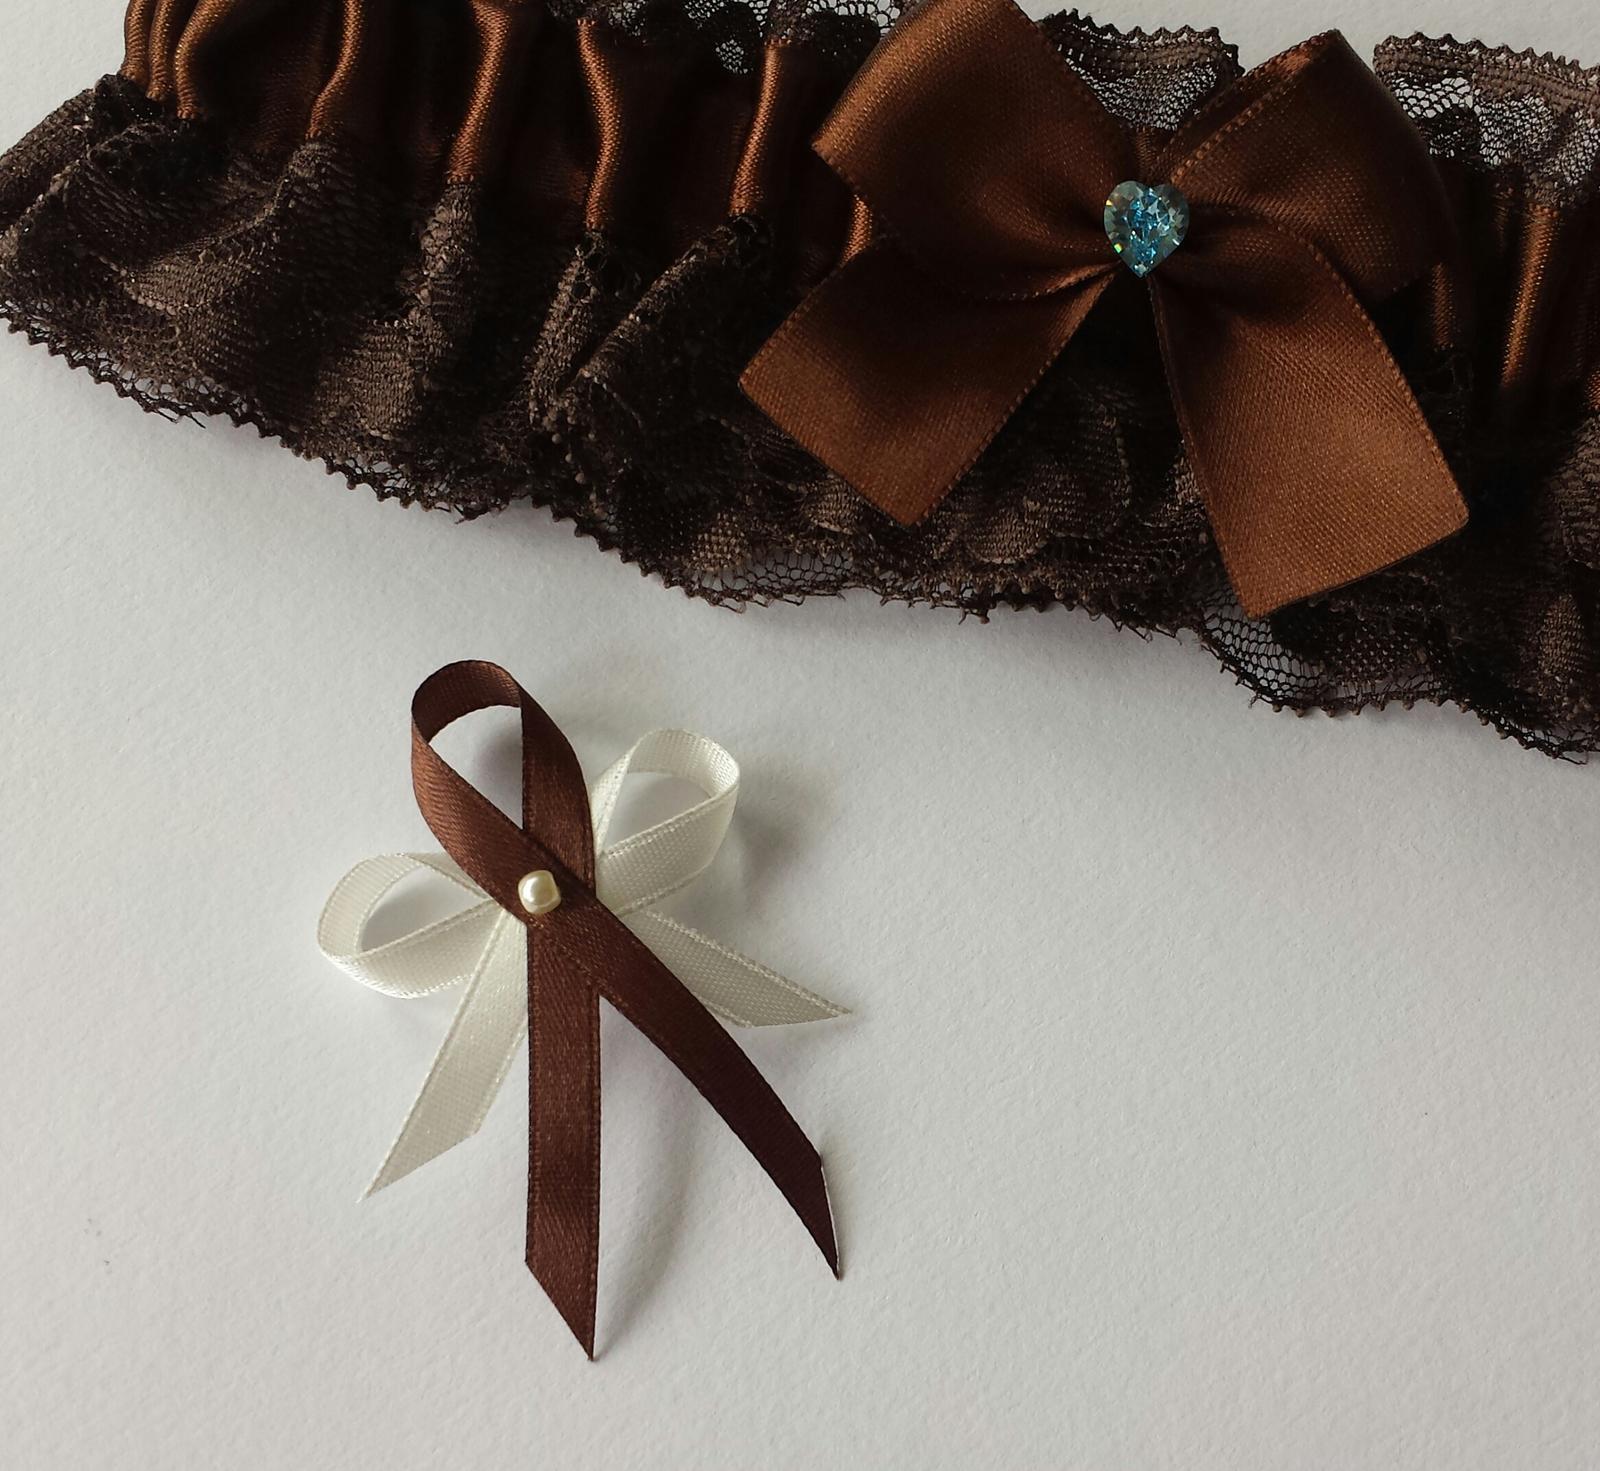 Čokoládové - hnědé vývazky - Obrázek č. 1